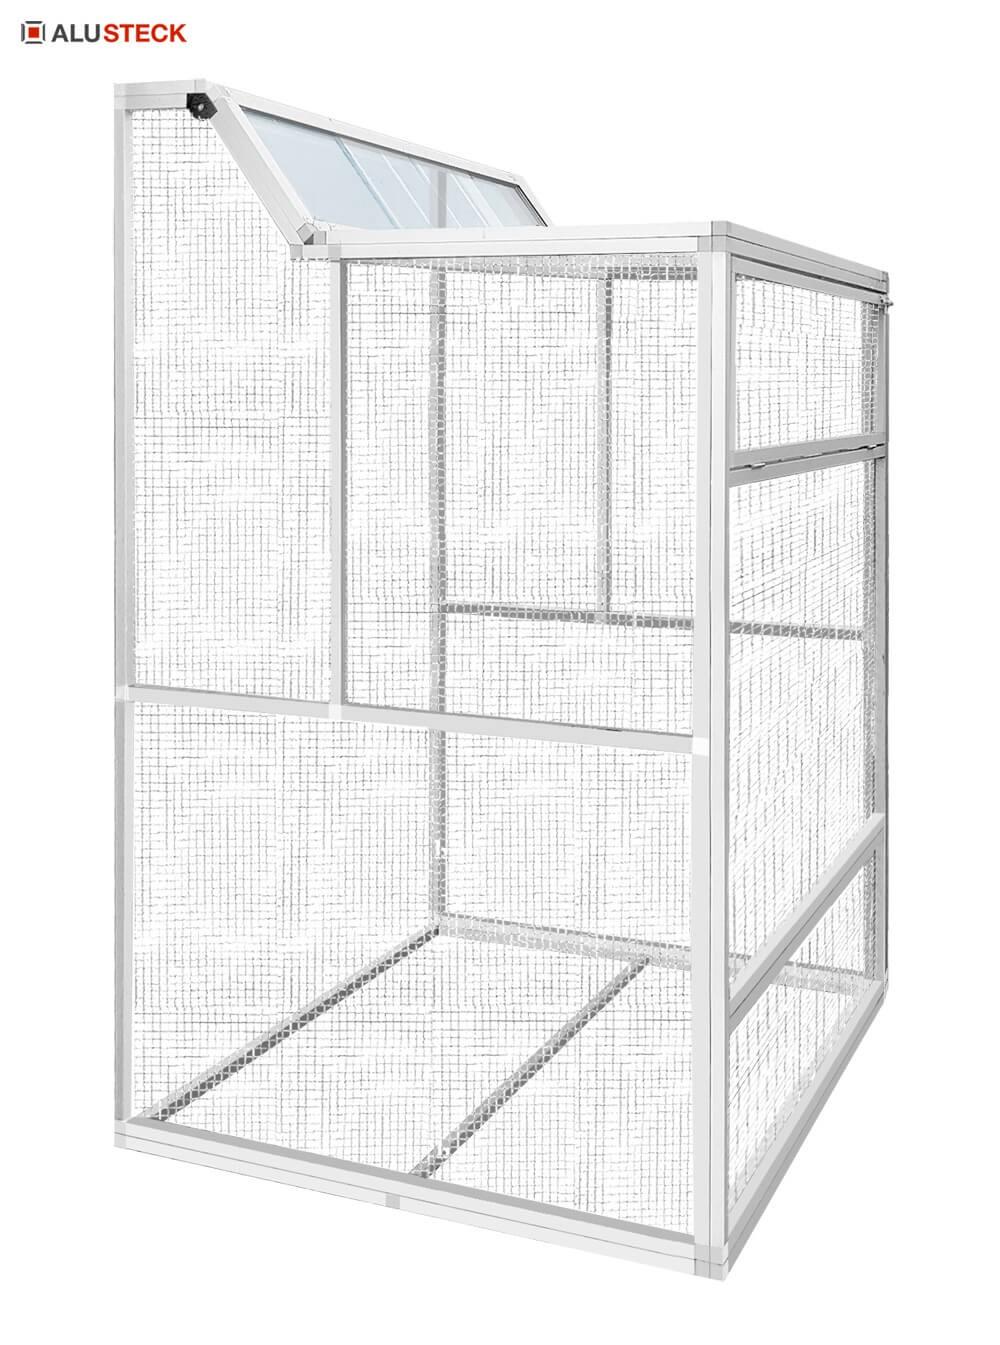 Taubenschlag Zuchtschlag Reiseschlag Anbau Konstruktion bauen fertig zusammengebaut